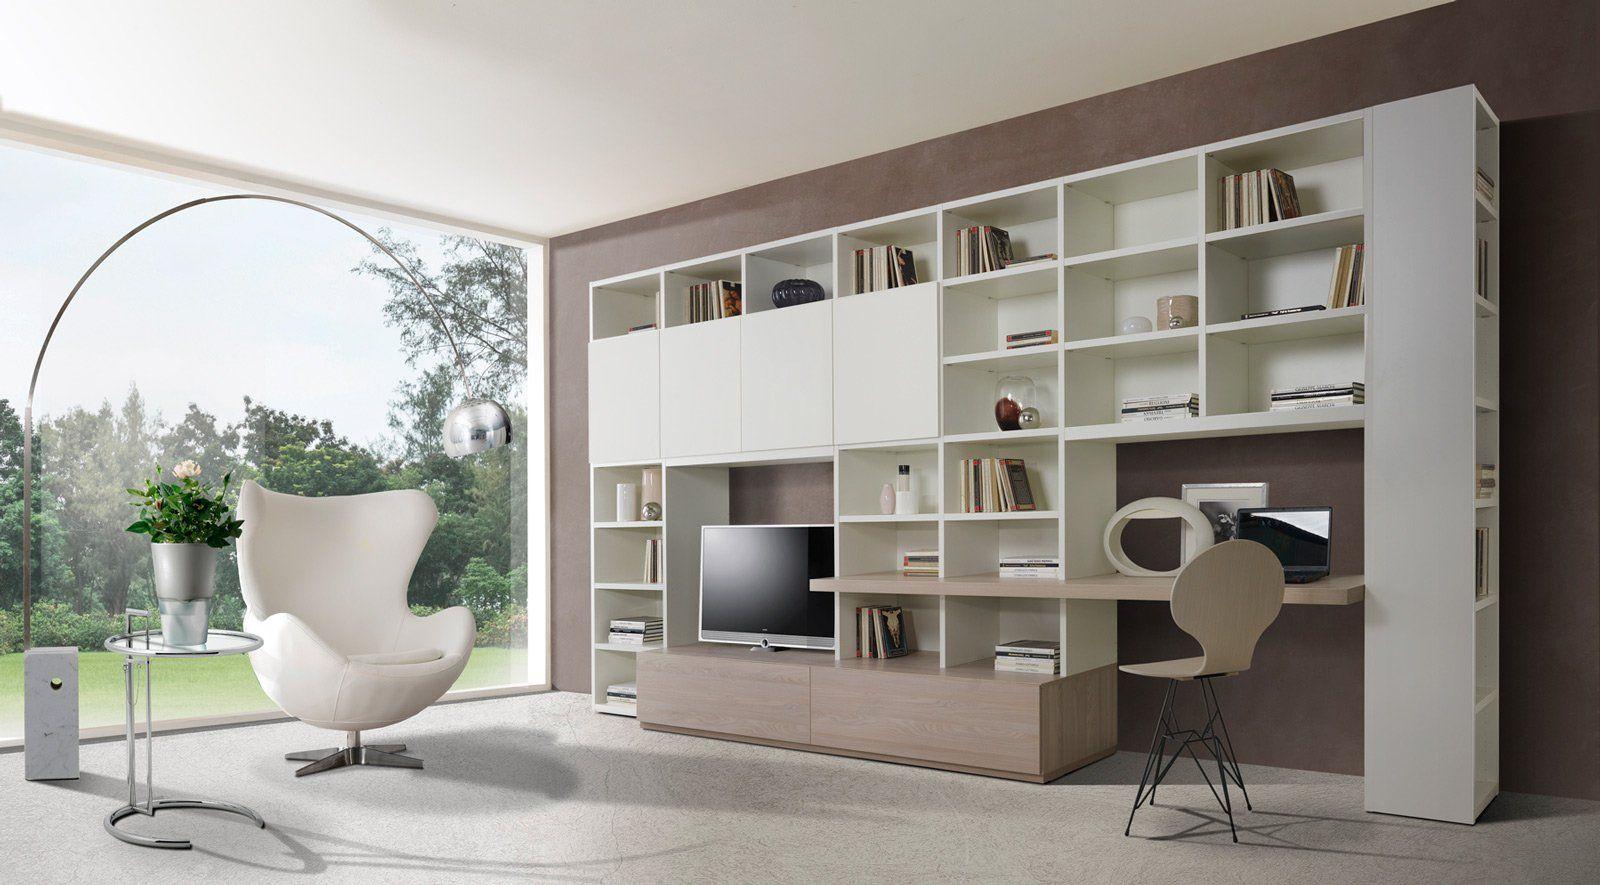 Angolo studio in soggiorno: integrato nella libreria o in un